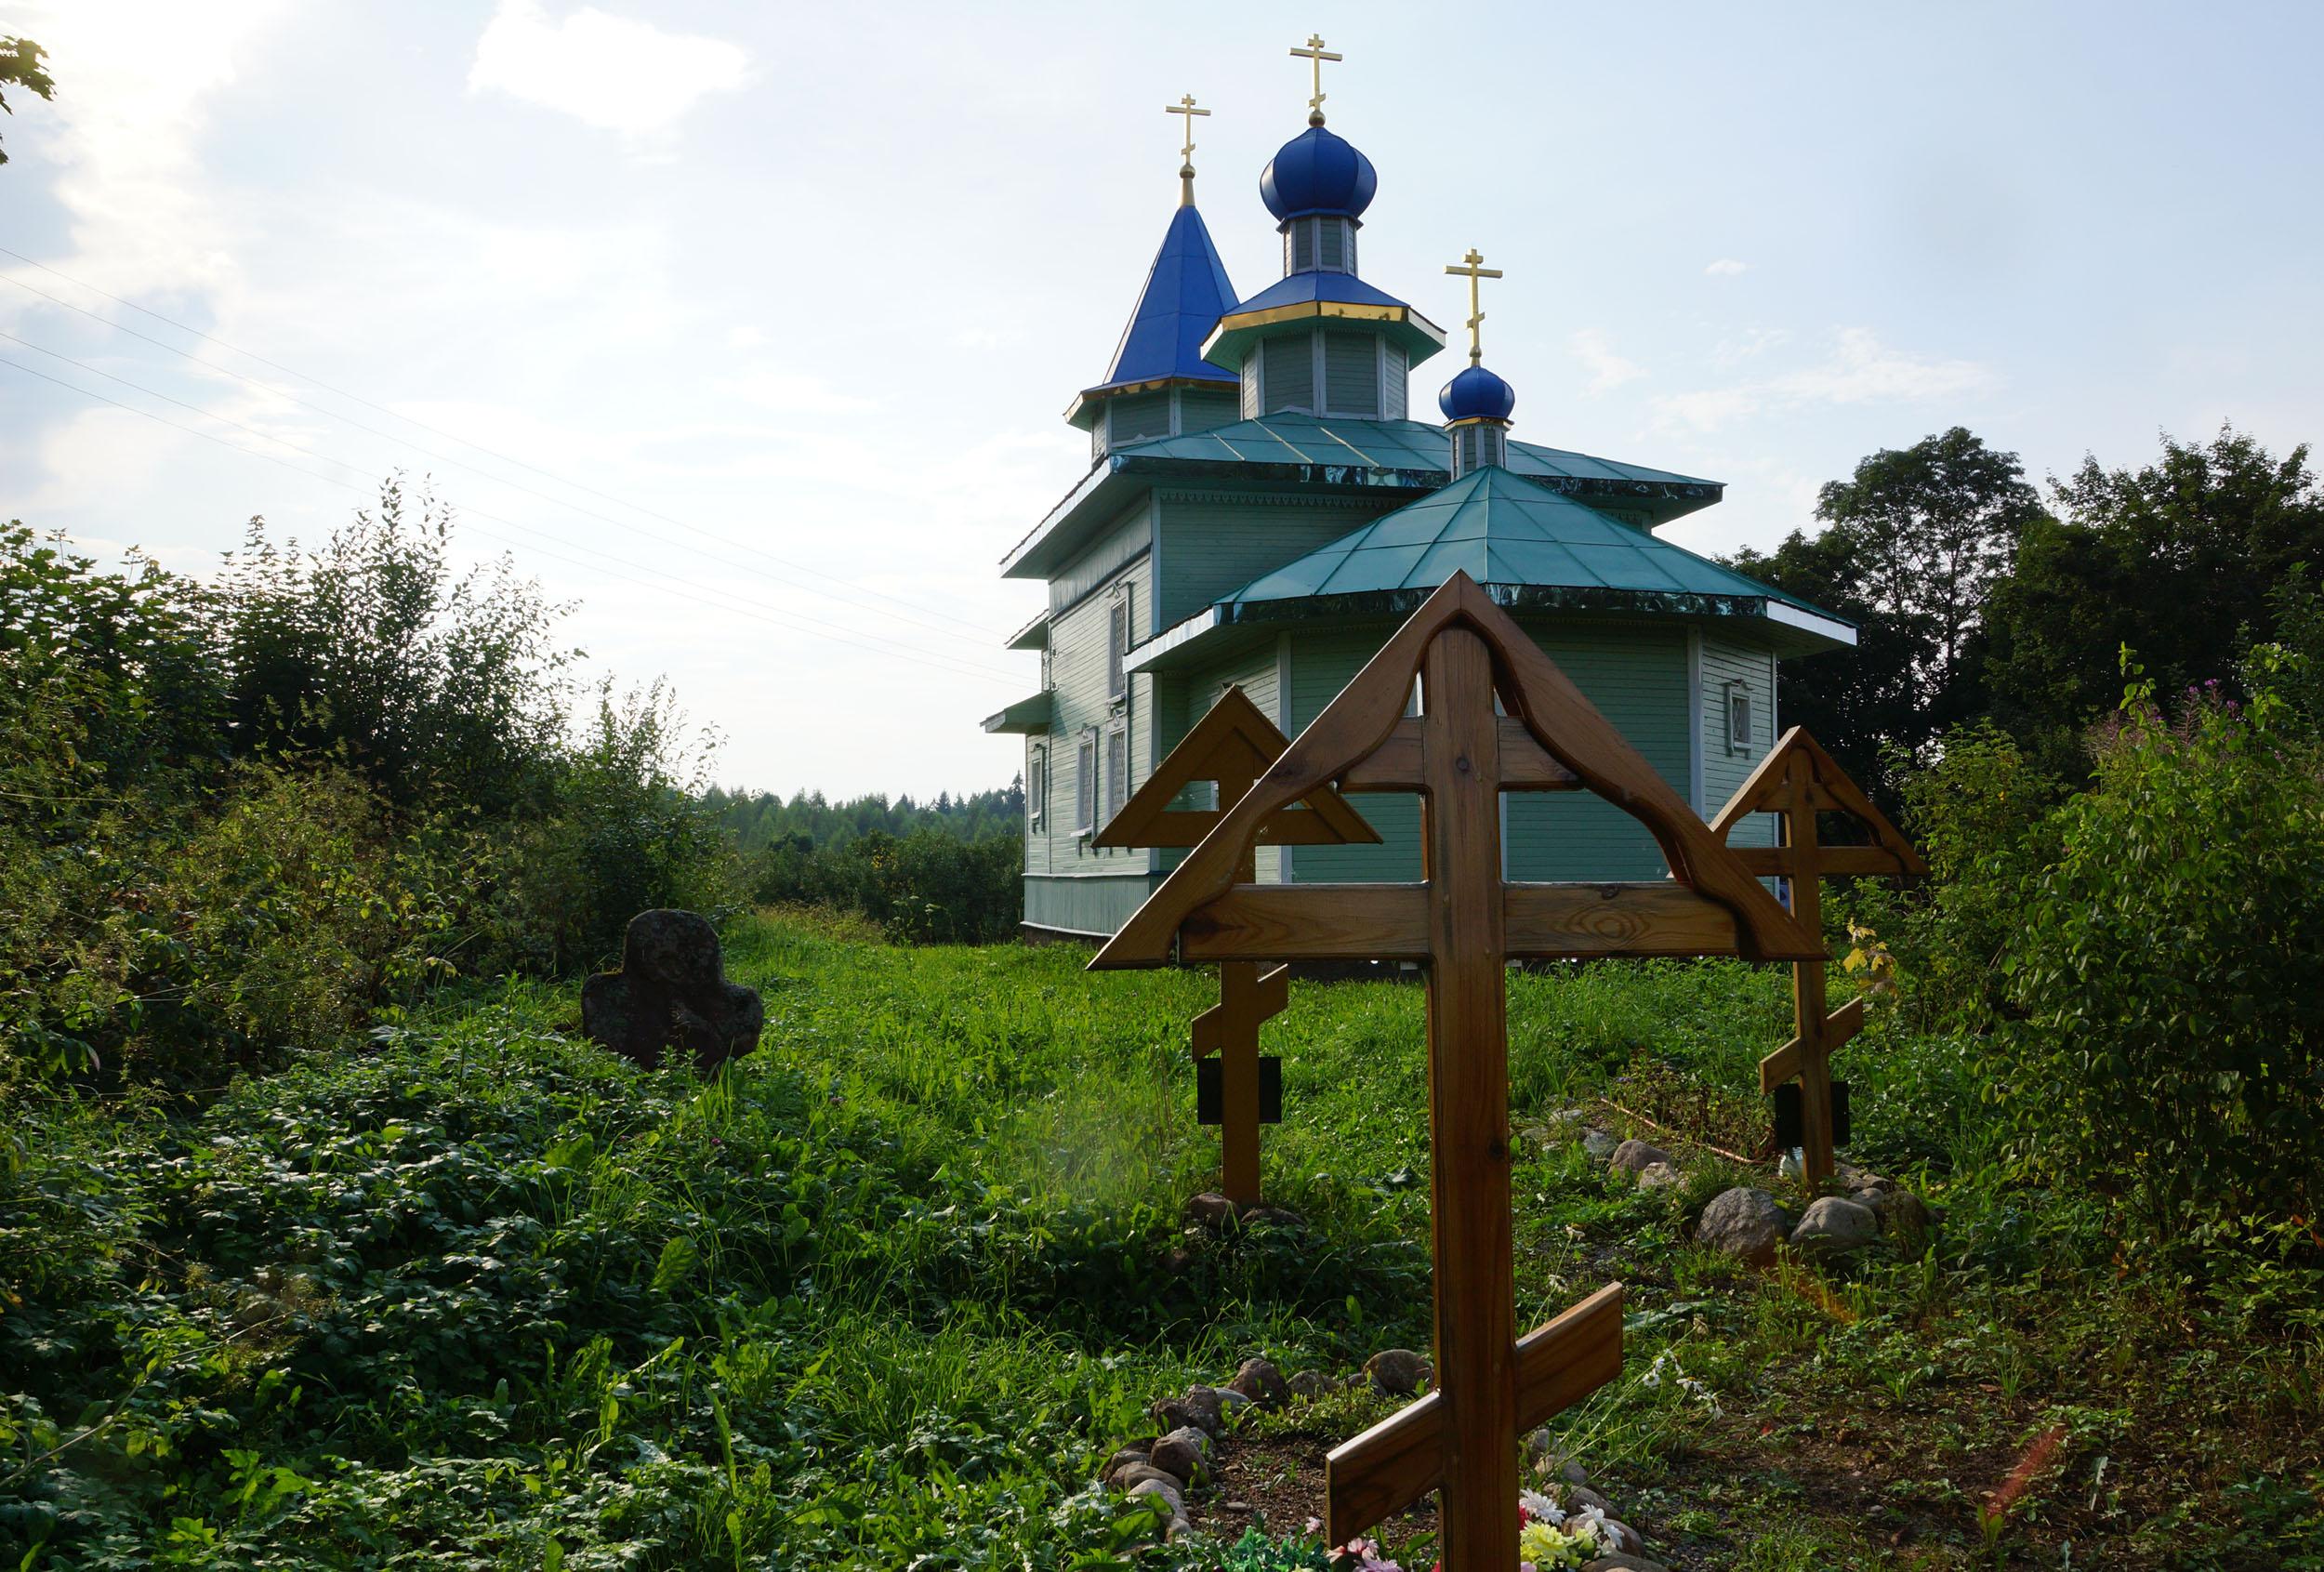 Бардово, Бежаницкий район, Псковская область. Погост Бардово.